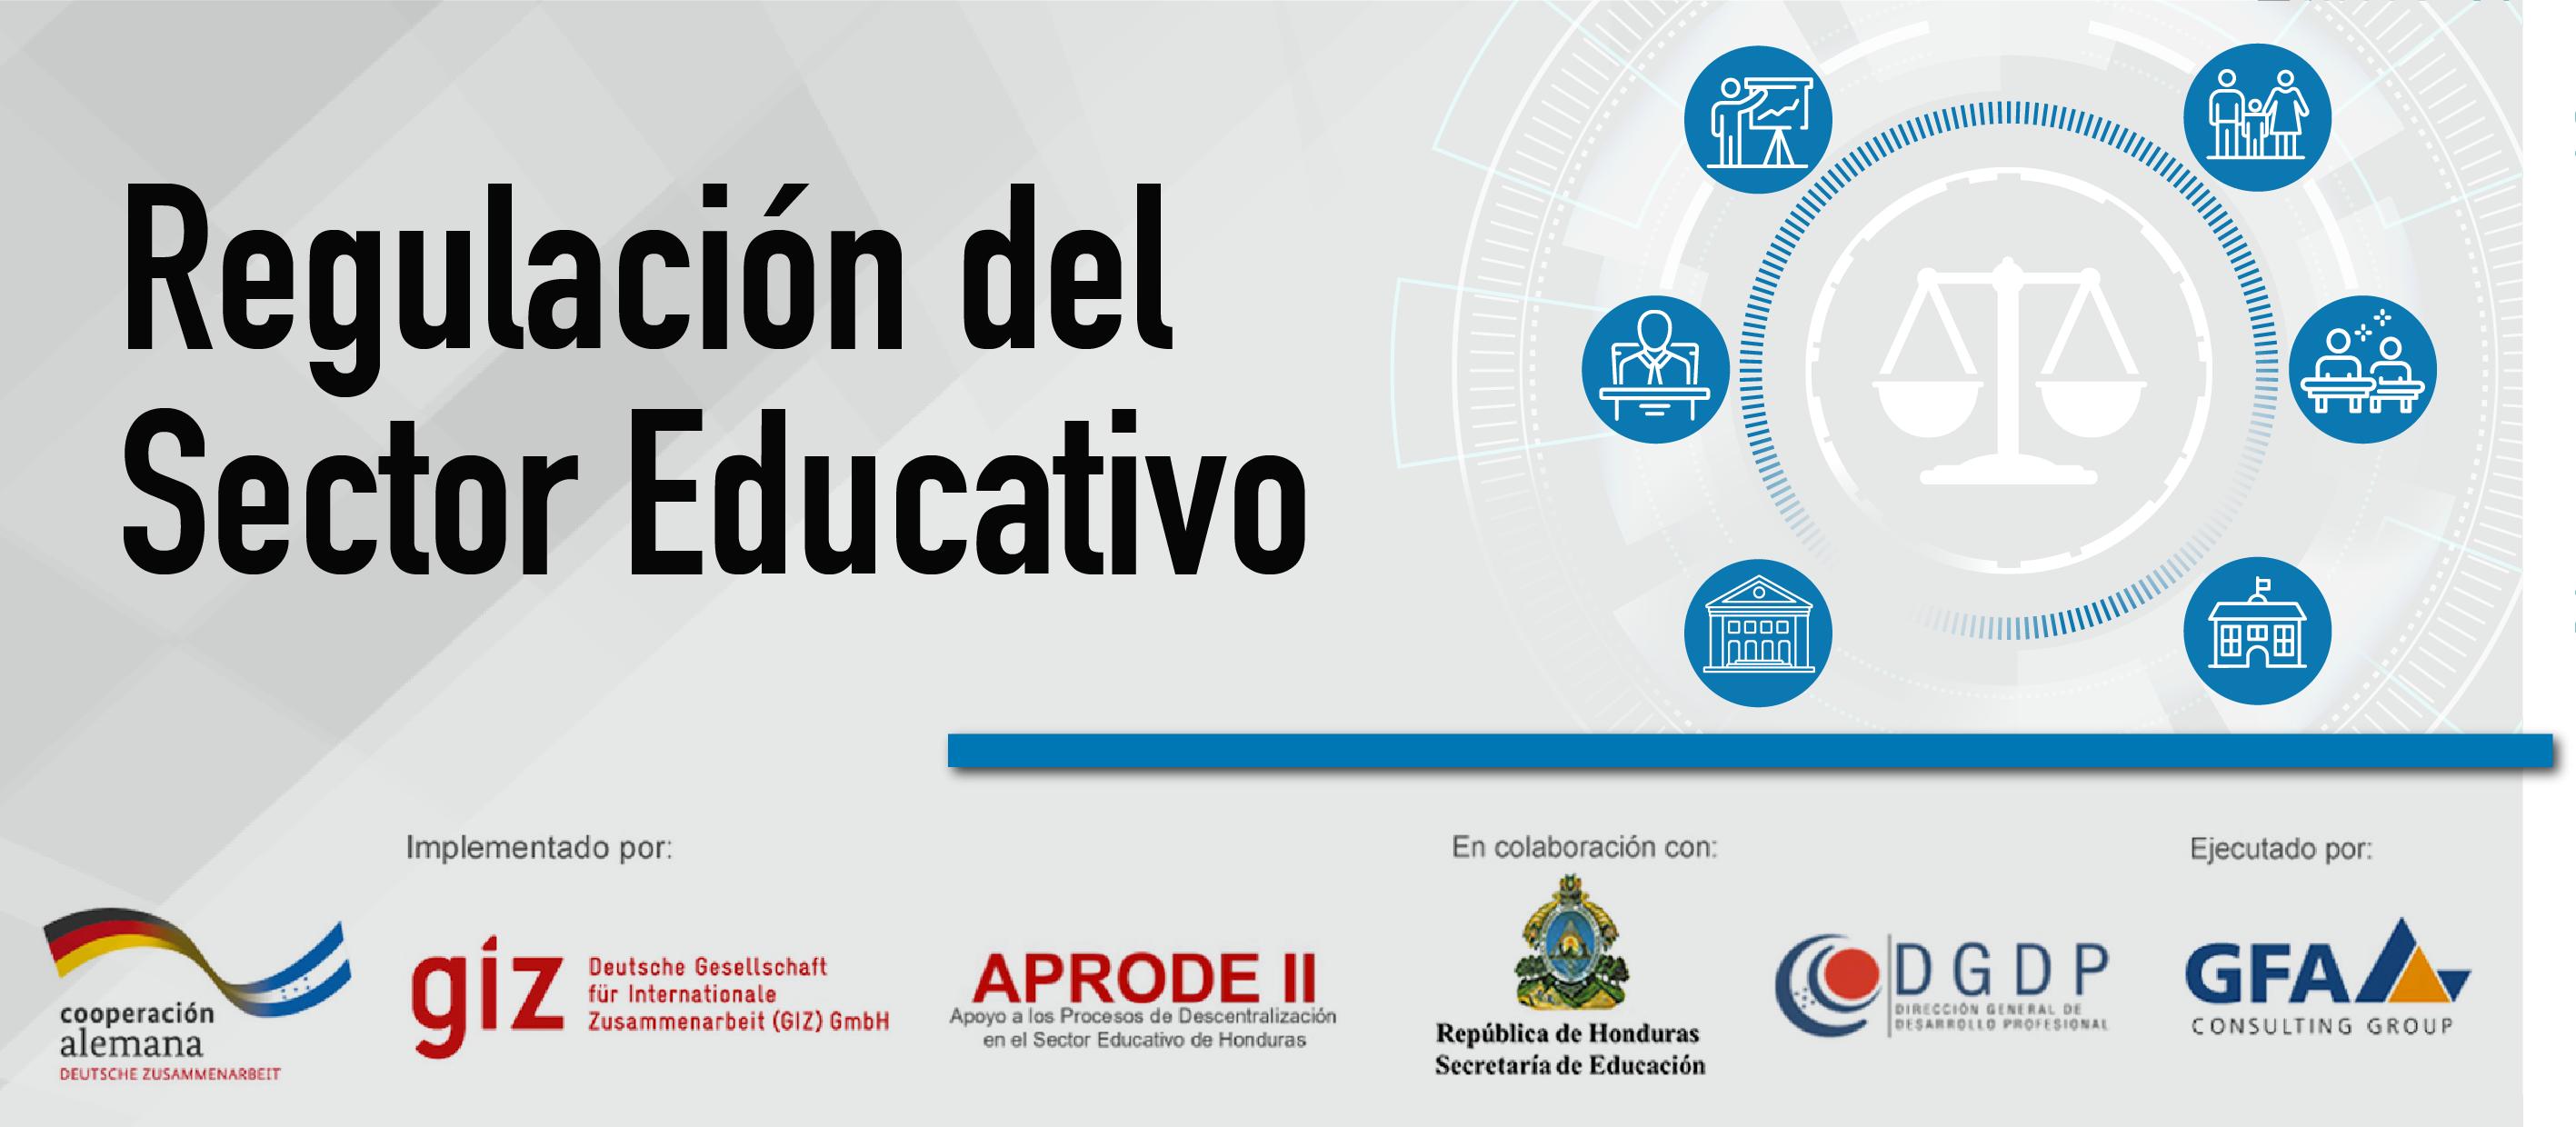 Módulo Regulación del Sector Educativo